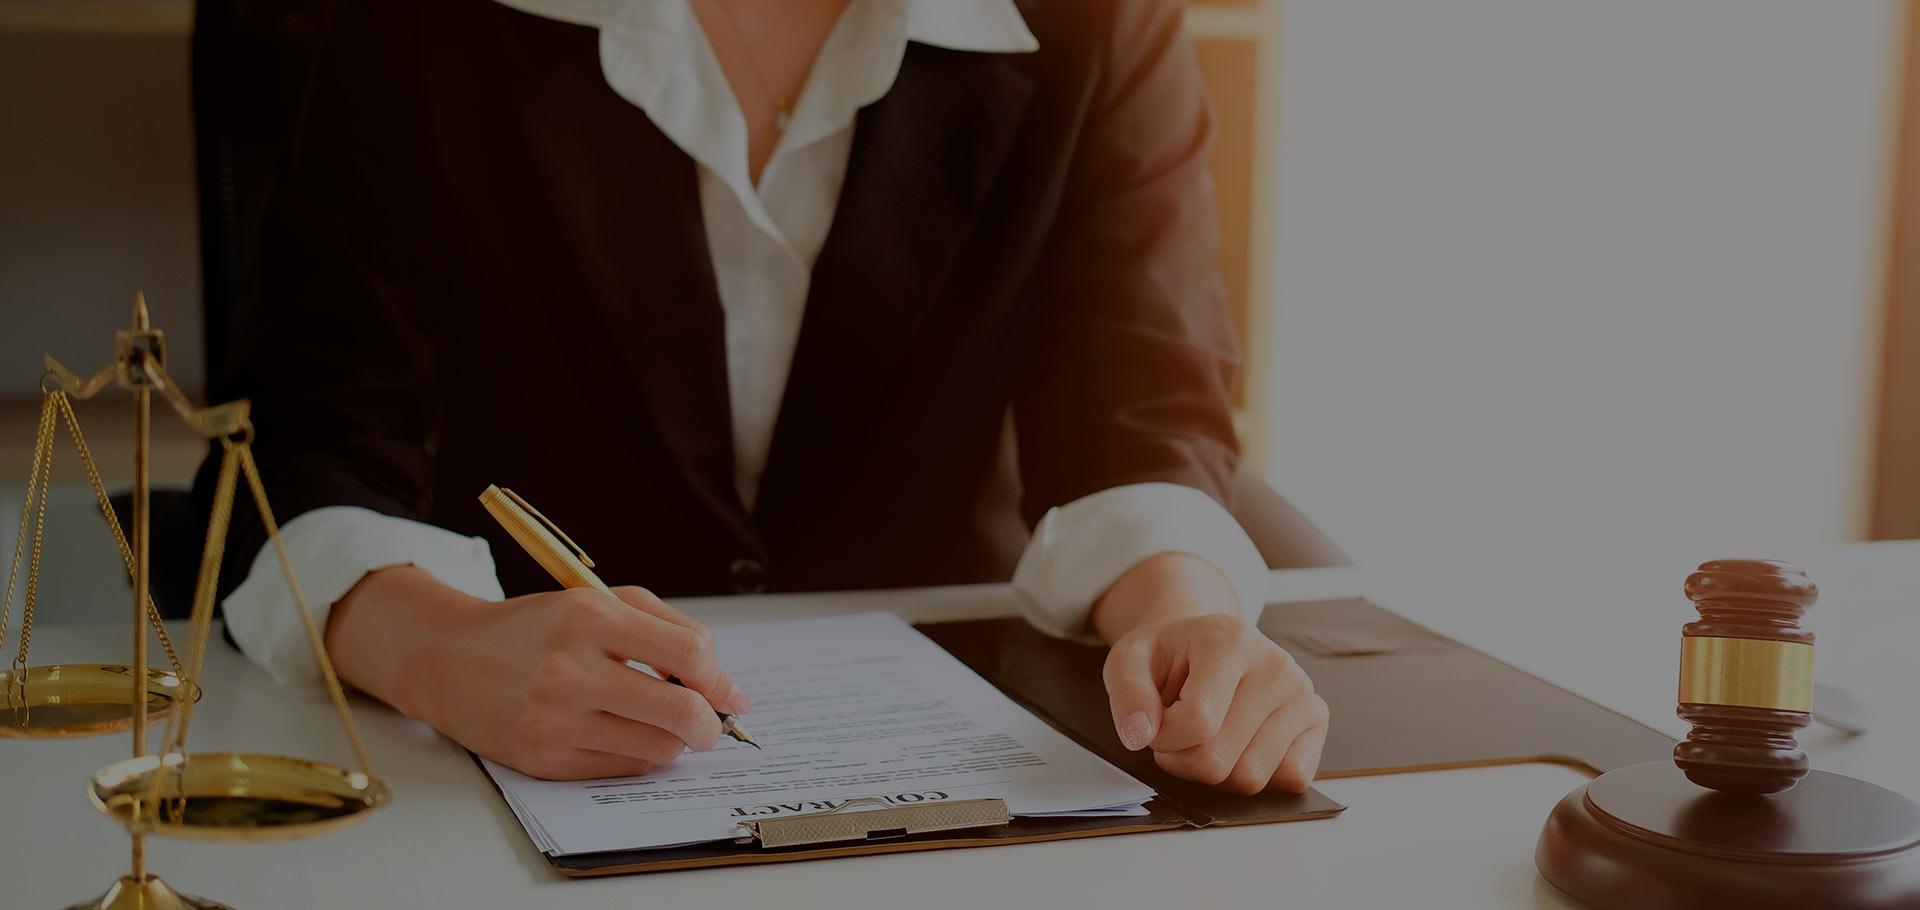 Escuela de Postgrado Ciencias del Derecho - Estudiar Derecho Online